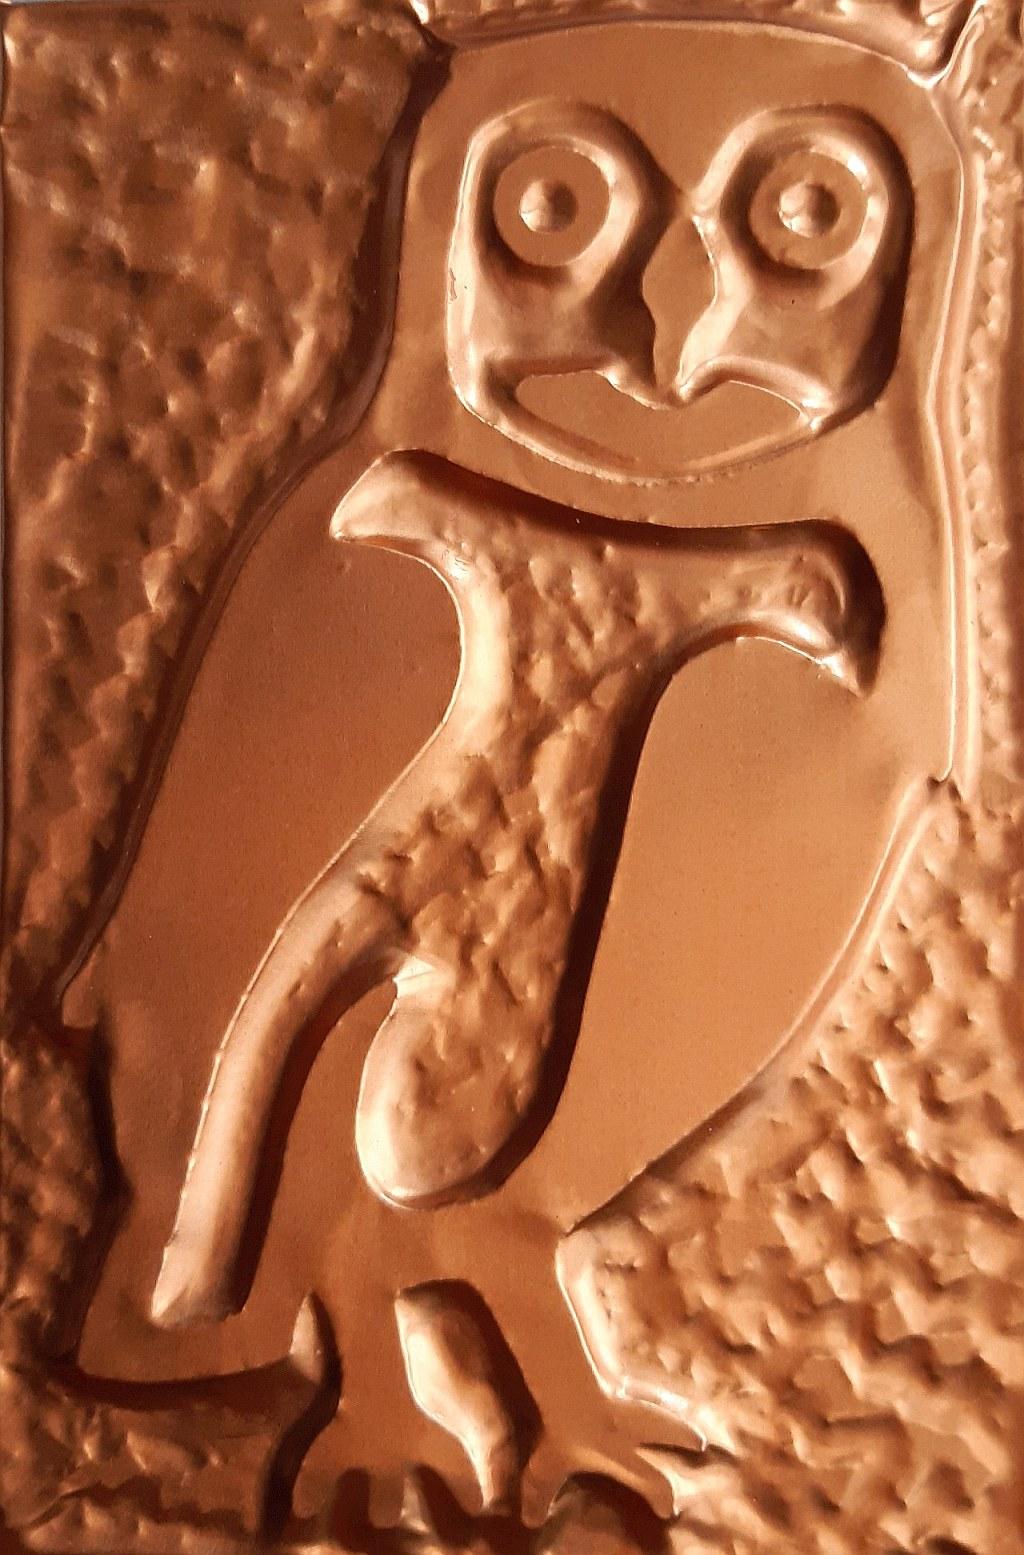 la Civetta - è considerata portatrice di fortuna ed oggetto di collezione; il bassorilievo rappresenta questo piccolo rapace insettivoro notturno nei suoi tratti essenziali, senza i ciuffi auricolari tipici del gufo - lamina di rame - Claudio Bobbi - 2020